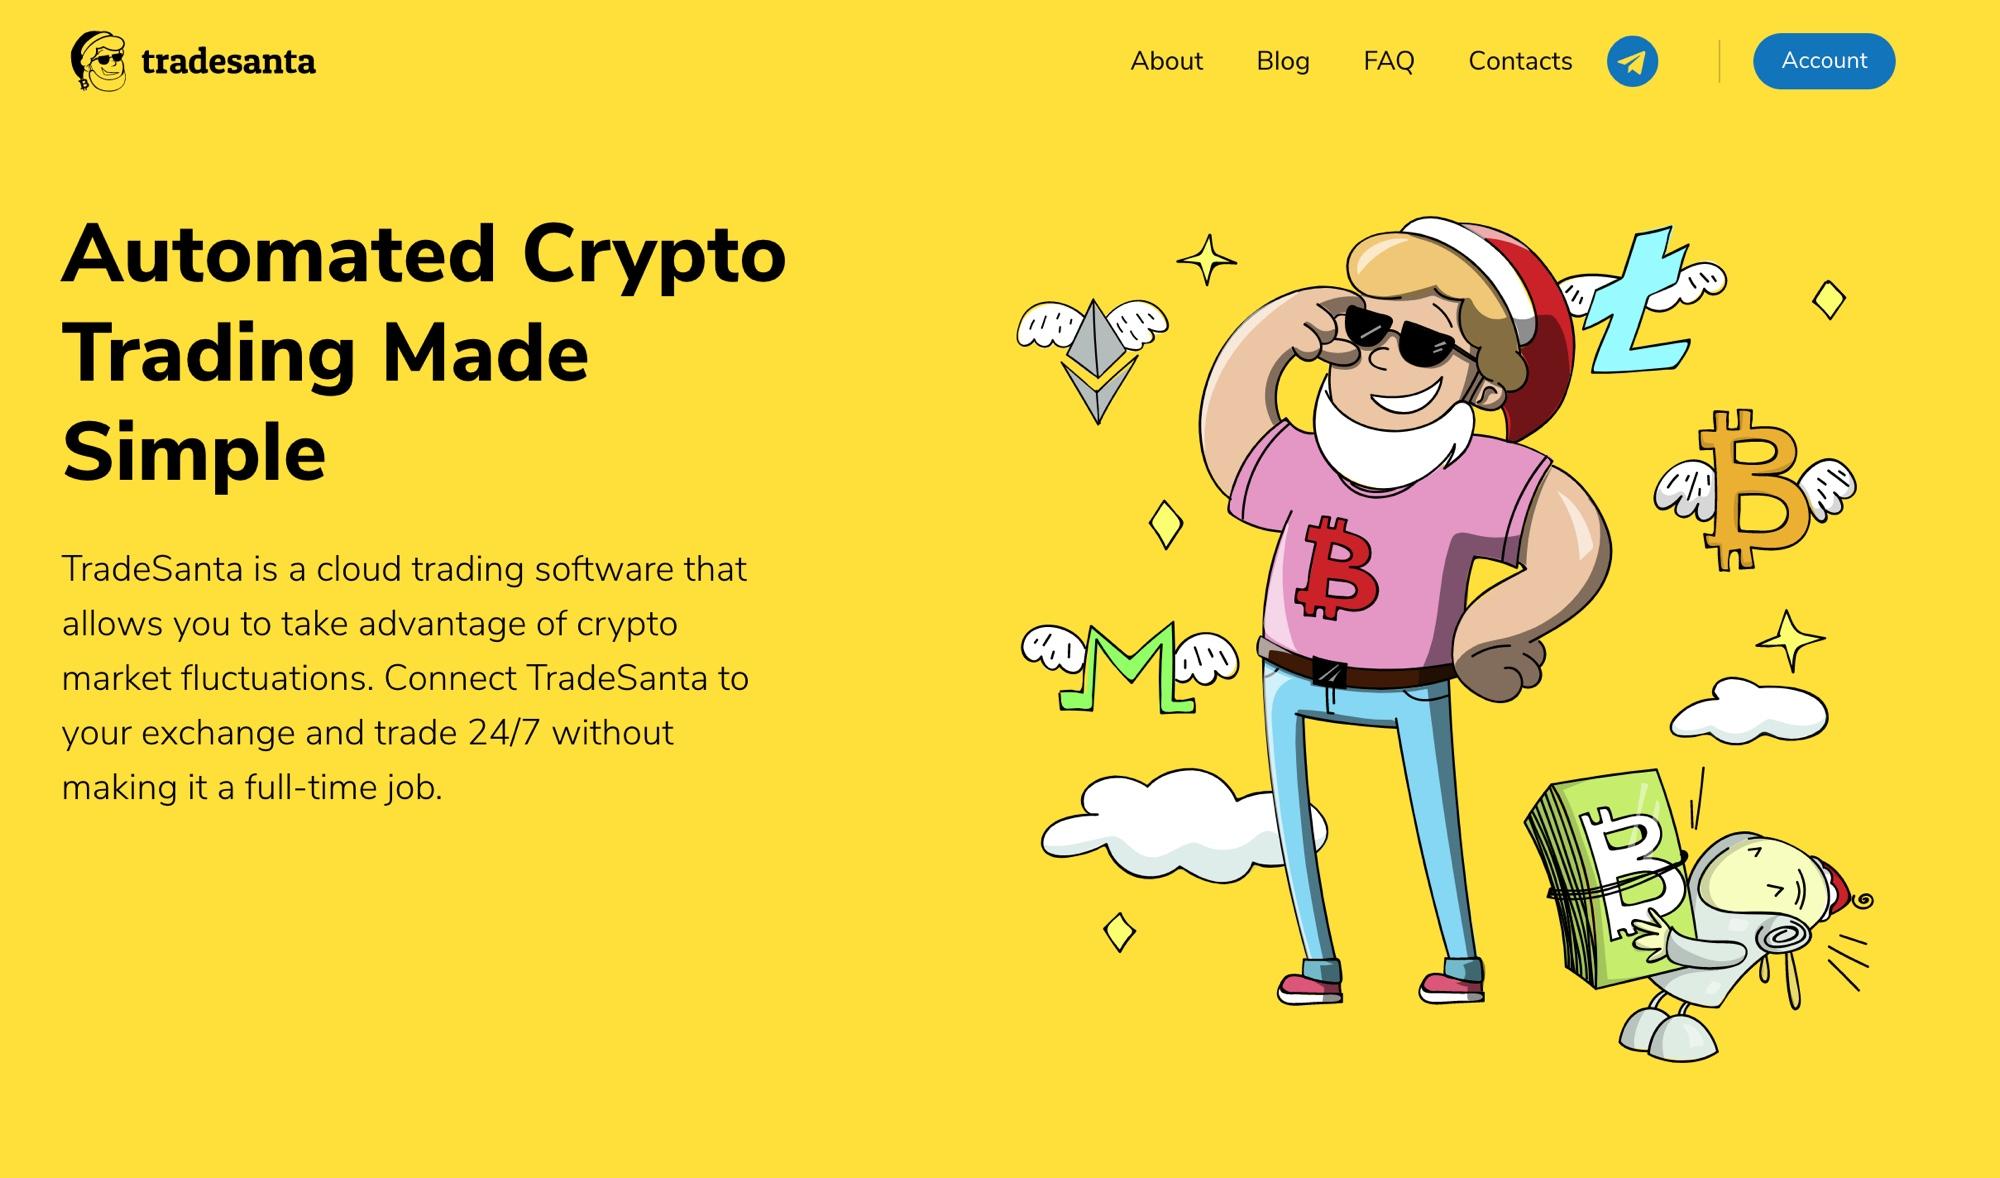 Free crypto trading tools